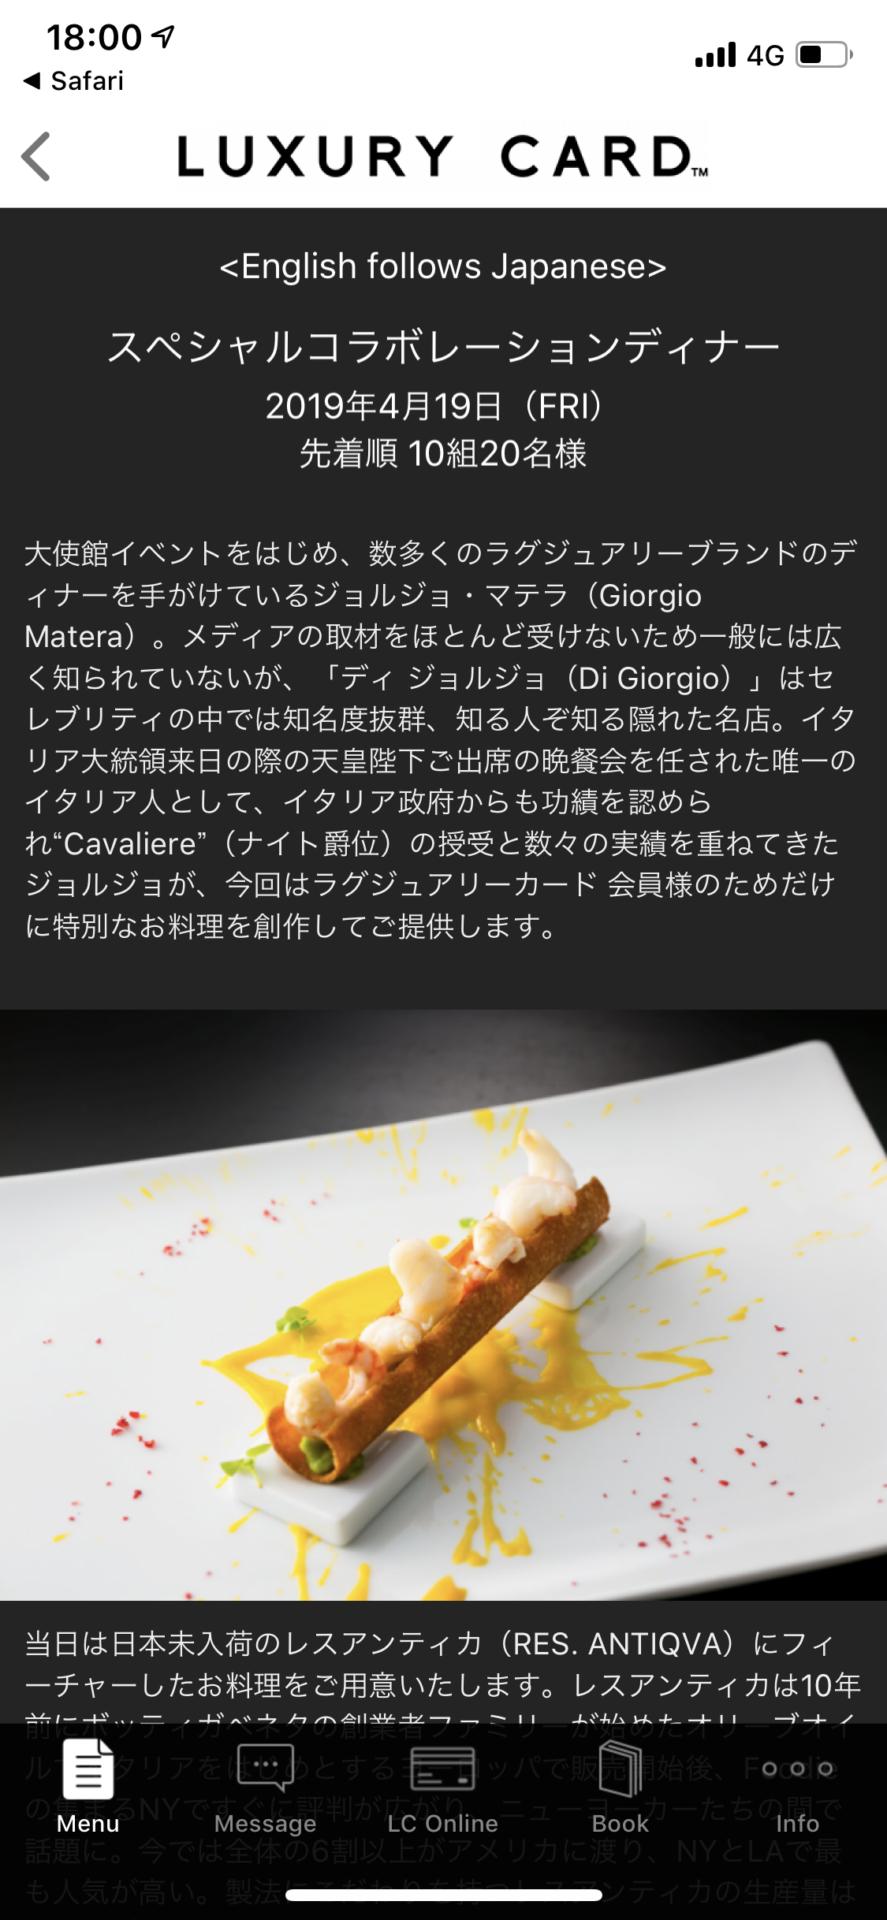 ラグジュアリーカードのスペシャルコラボレーションディナー!ディジョルジョ×レスアンティカ (5)